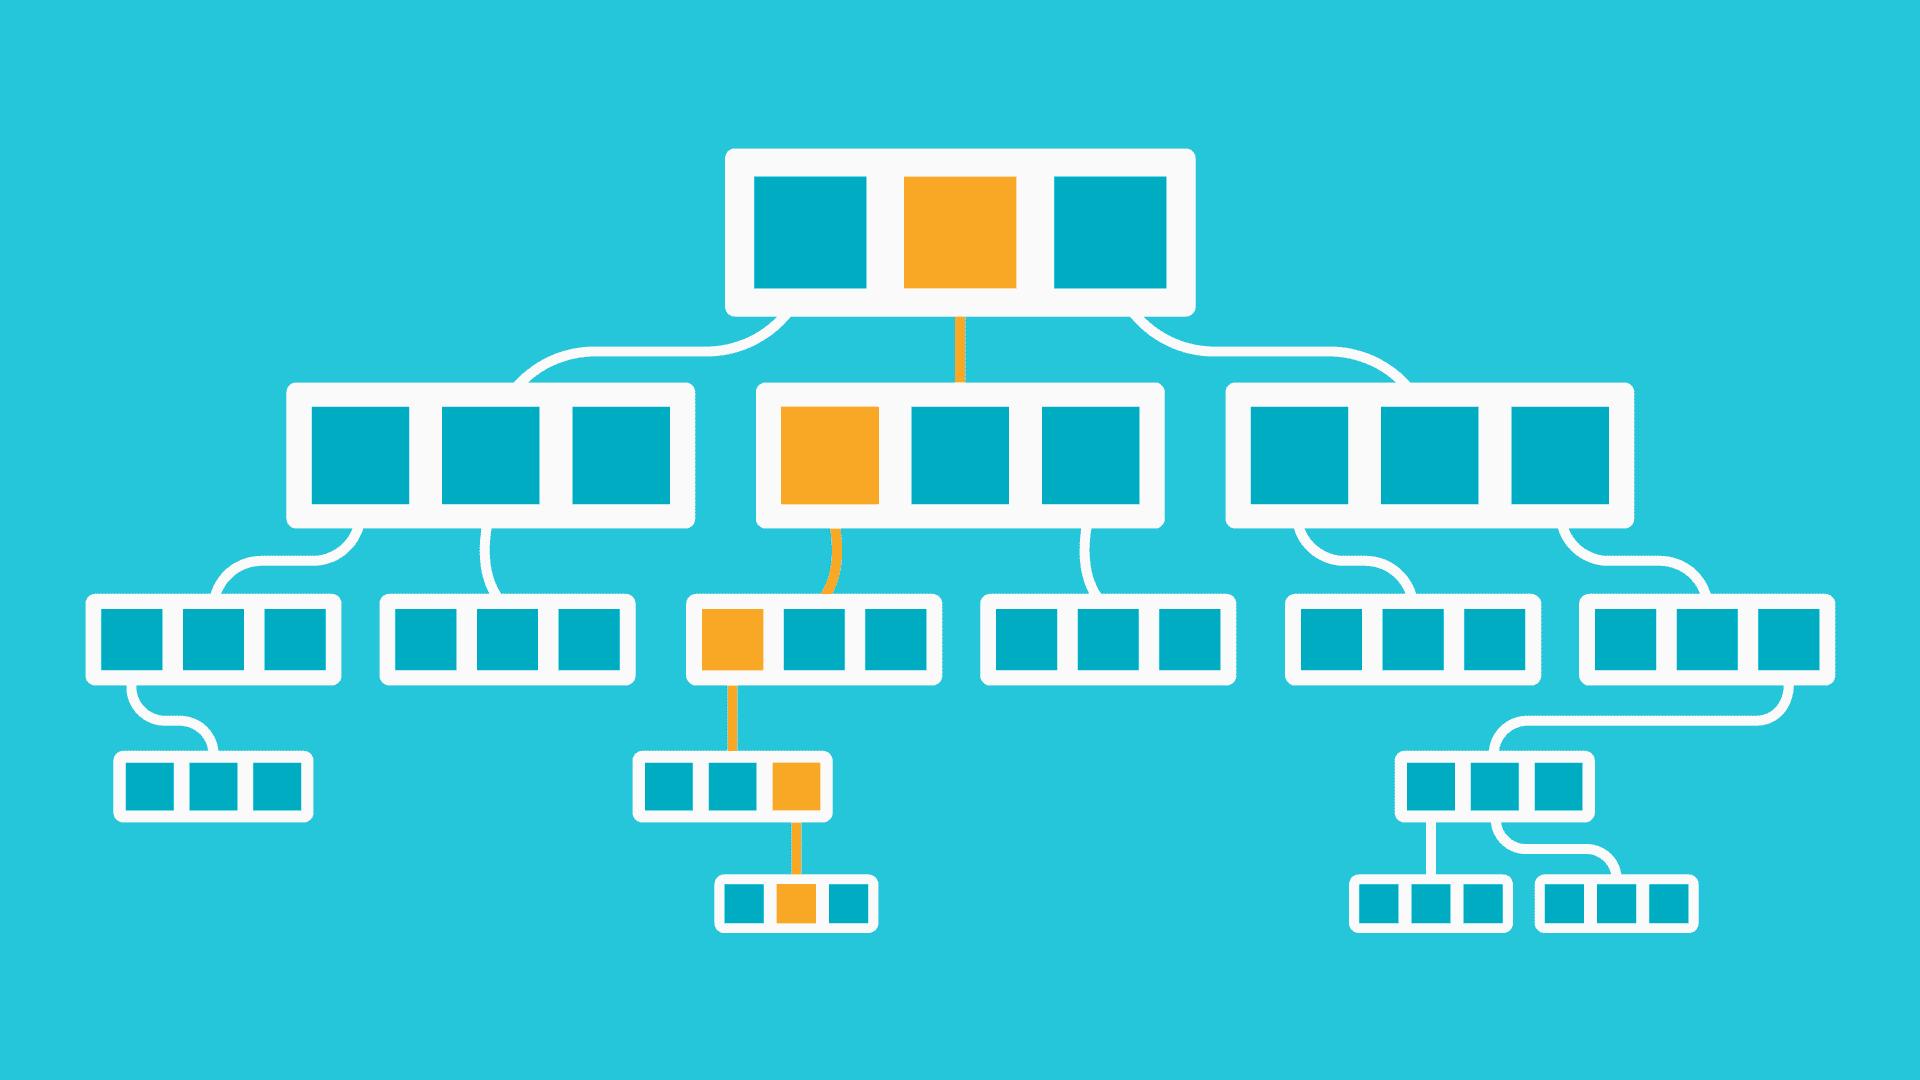 איור של שאילתת עץ נתונים